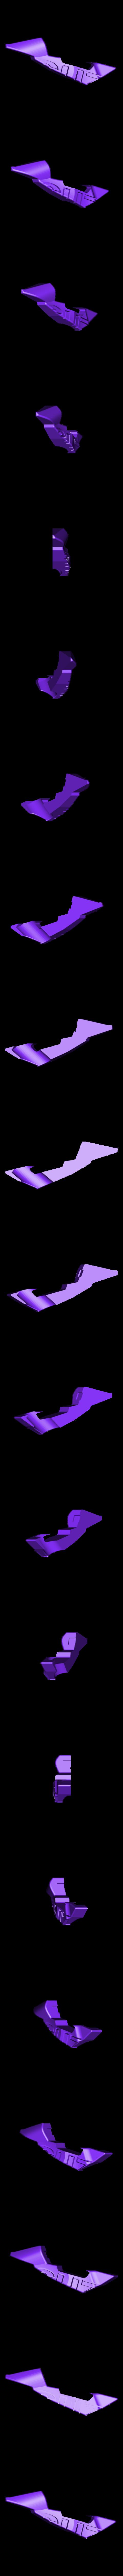 rear_fender_right.stl Télécharger fichier STL gratuit 2016 Suzuki GSX-RR MotoGP RC Moto • Modèle pour imprimante 3D, brett